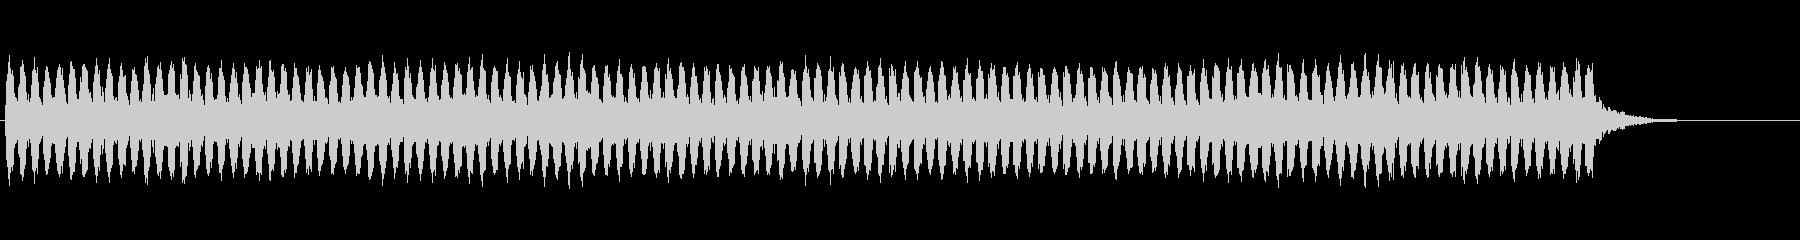 電子楽器。ロボットのエネルギッシュ...の未再生の波形